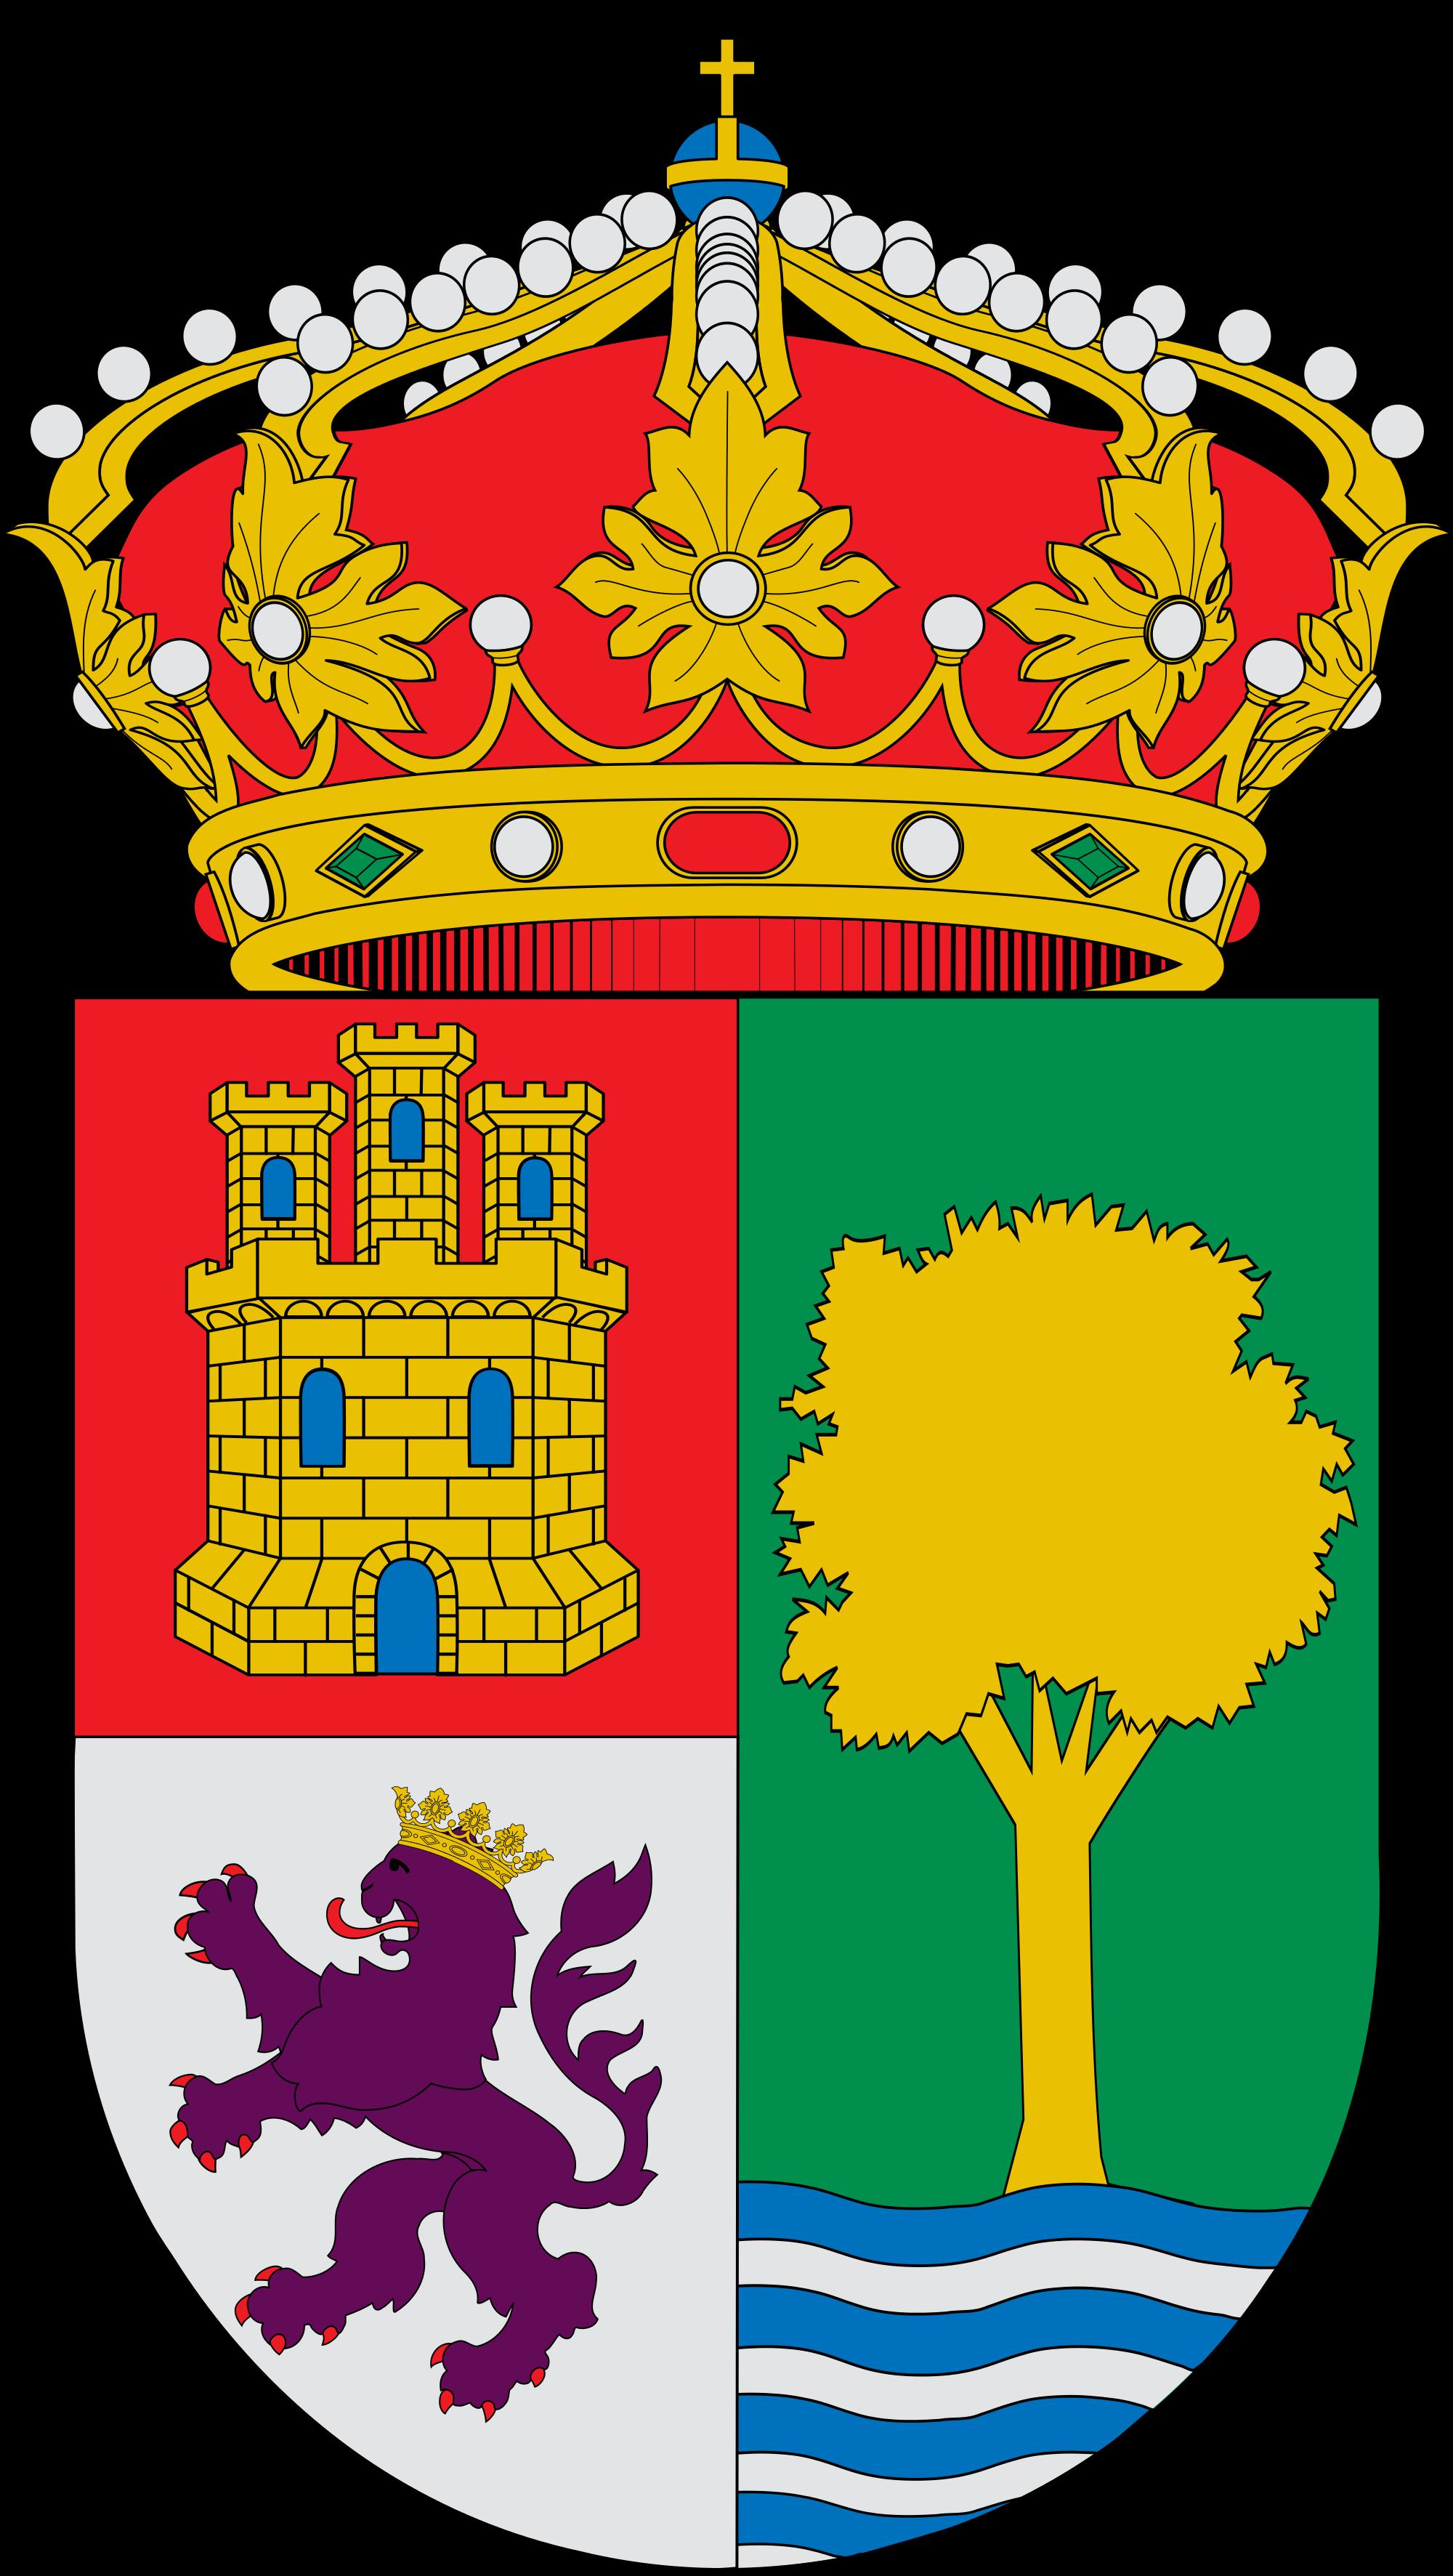 File:Escudo de Santa Olalla del Cala.svg.